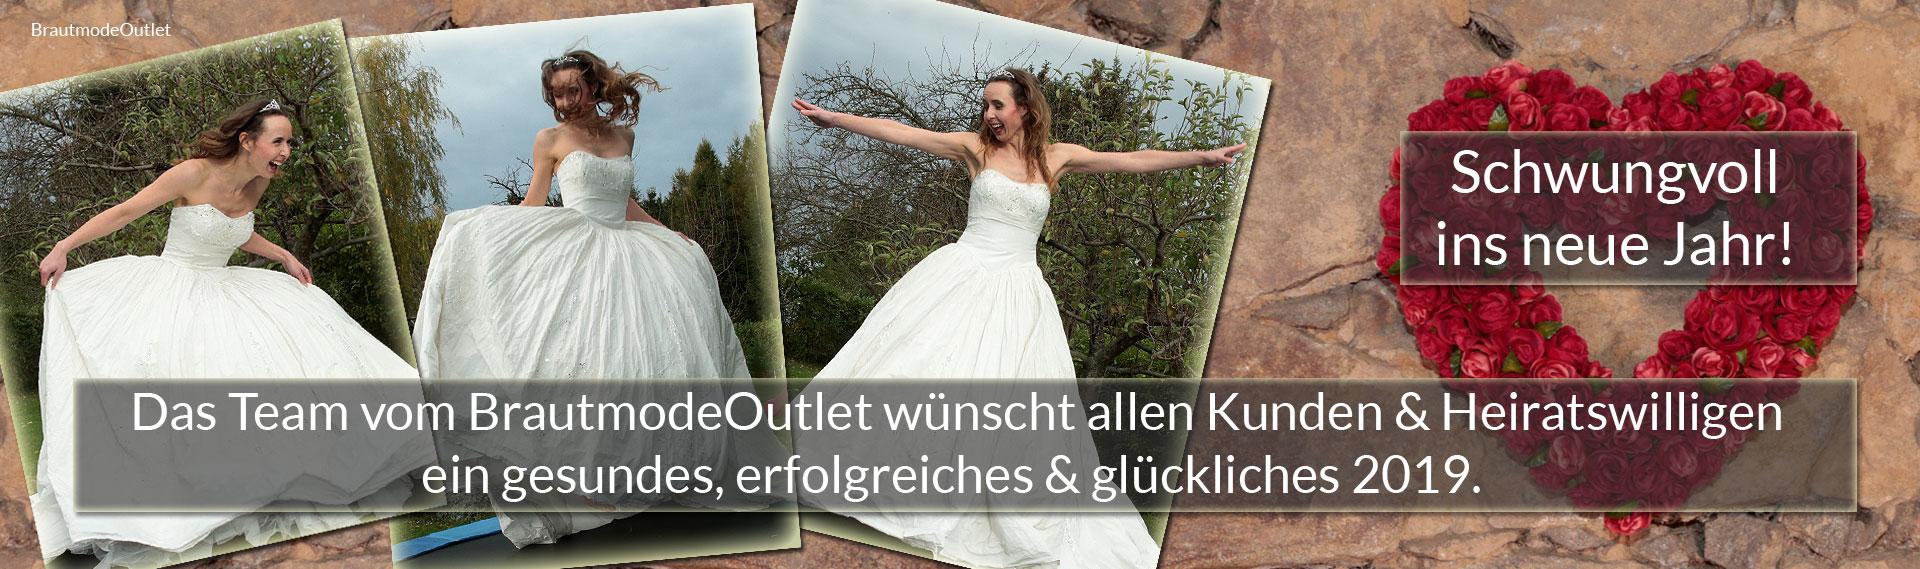 Bruatmode Outlet Bautzen Brautmode neues Jahr Wünsche